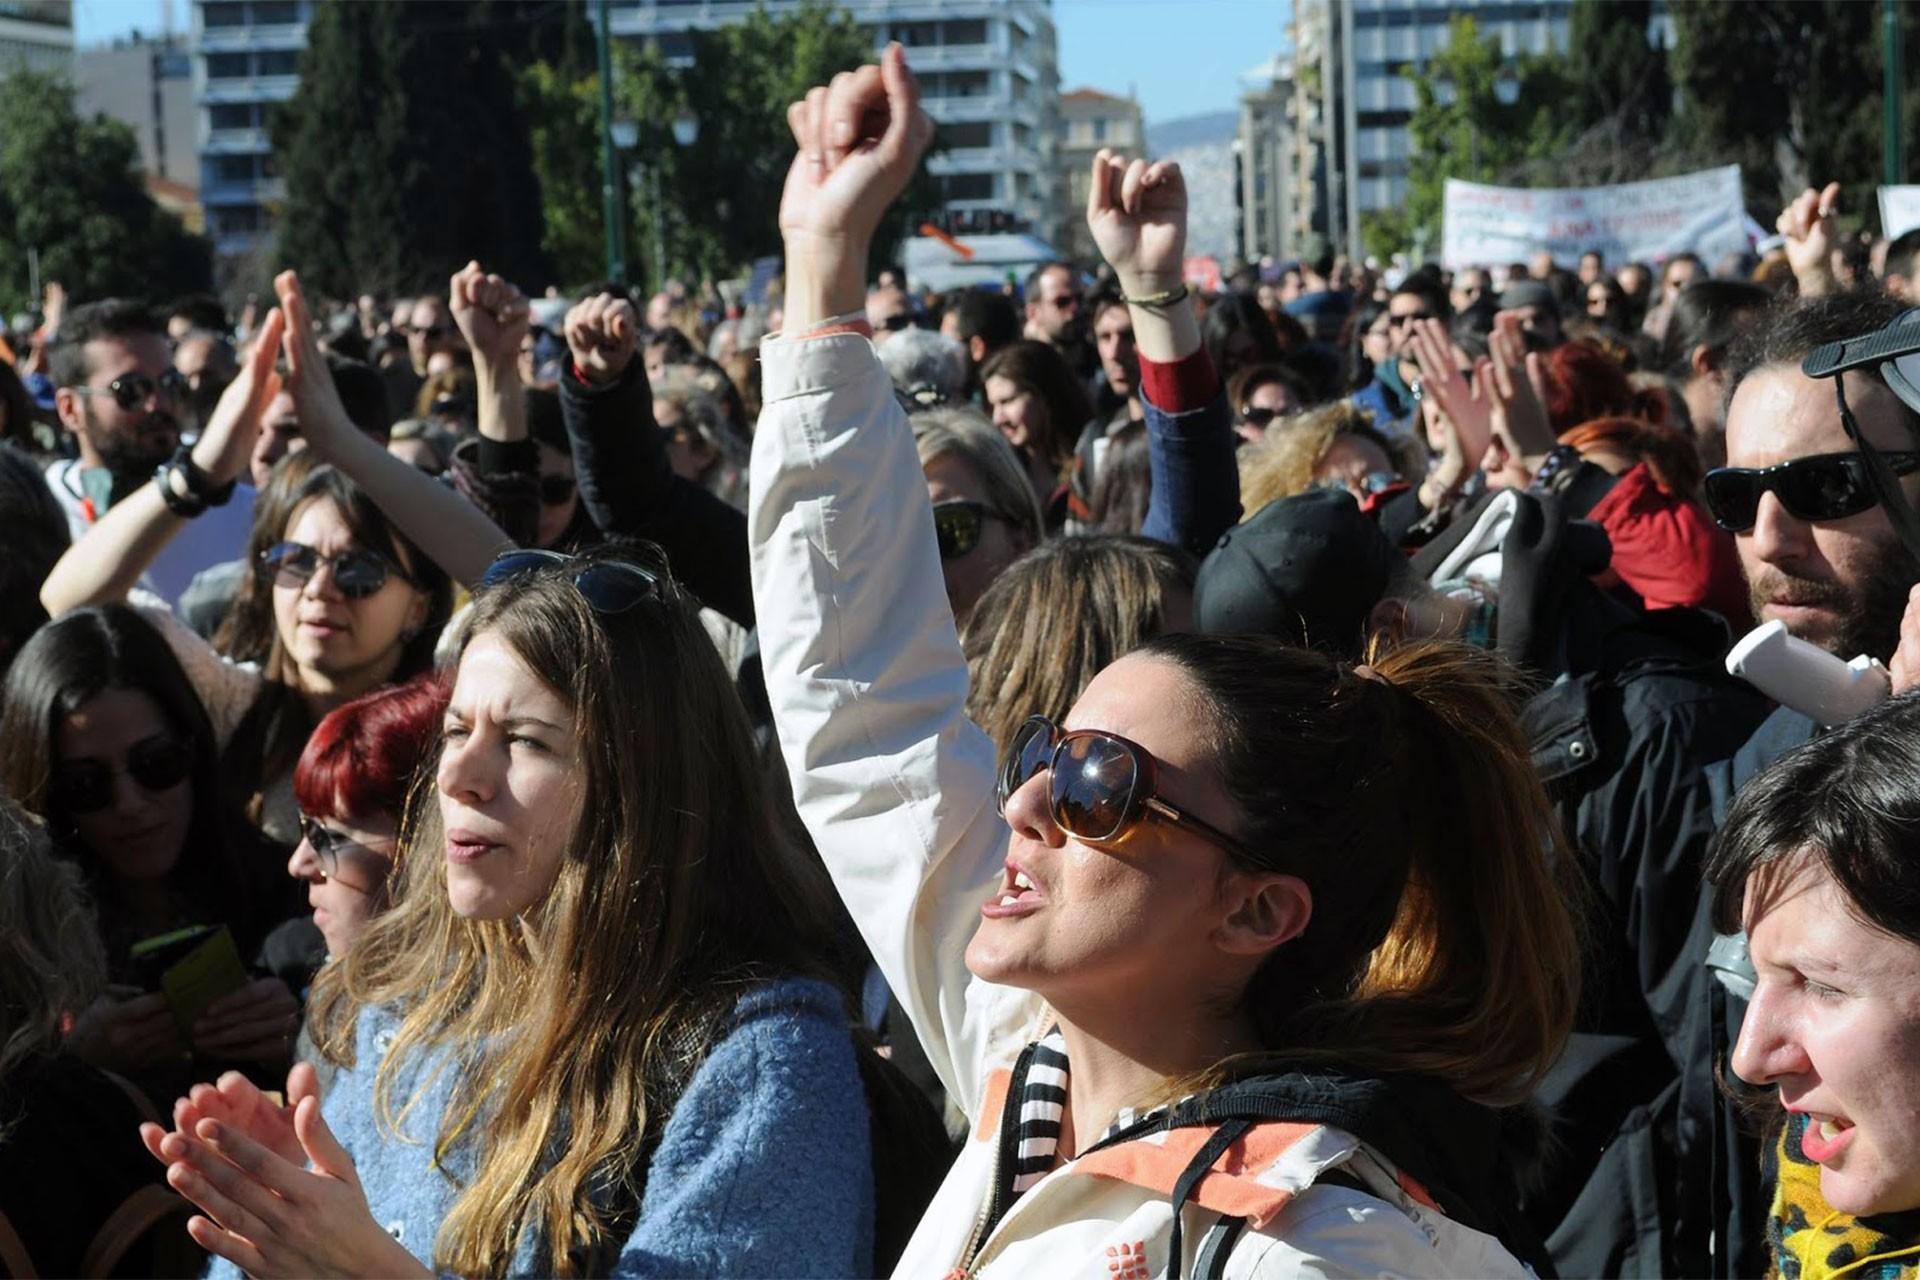 Yunanistan'da sağcı hükümet işçi haklarına saldırdı, emekçiler grevde